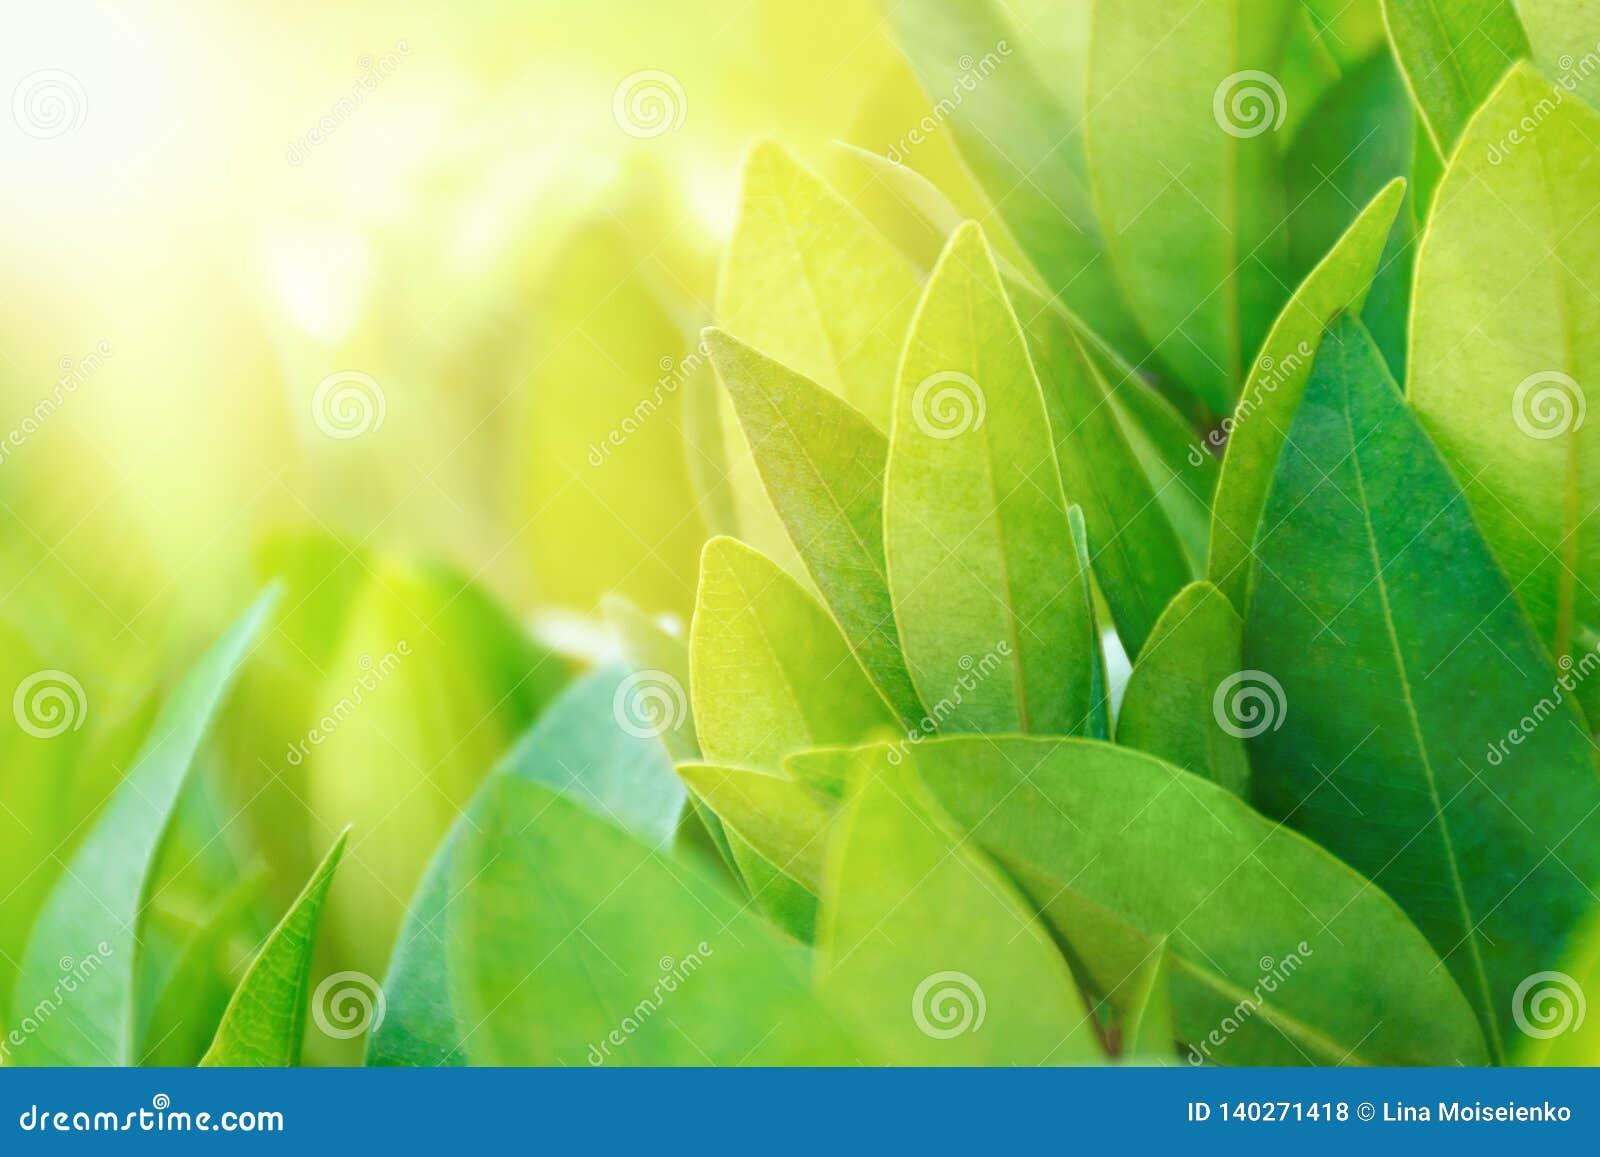 Teeblätter auf Strahlen der Plantage im Sonnenlicht Frischer Busch des grünen Tees